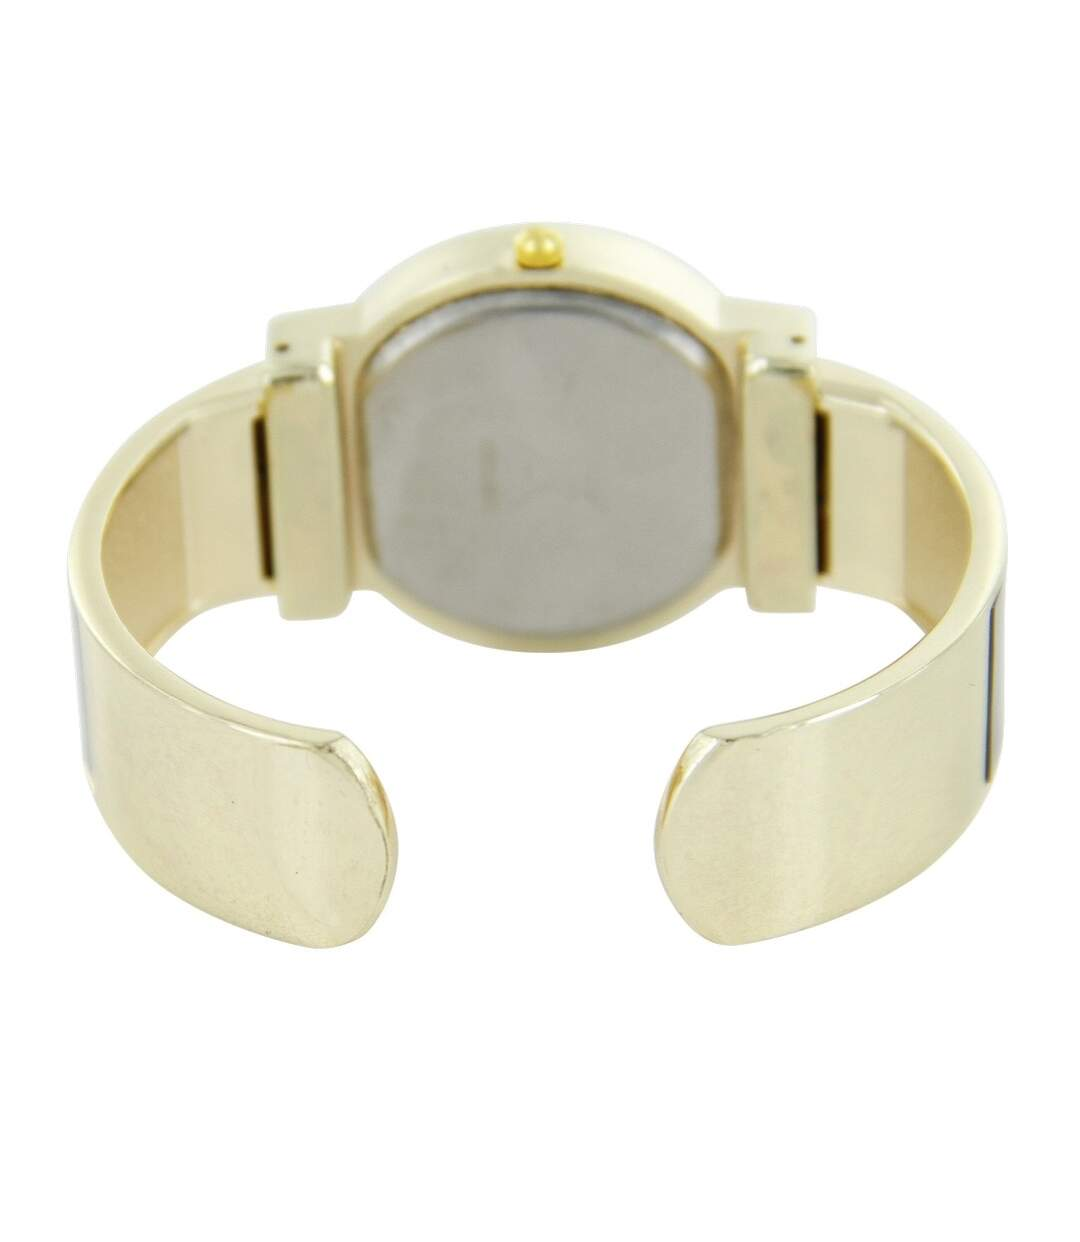 Dégagement Montre Femme CAMELIA bracelet Acier Doré dsf.d455nksdKLFHG